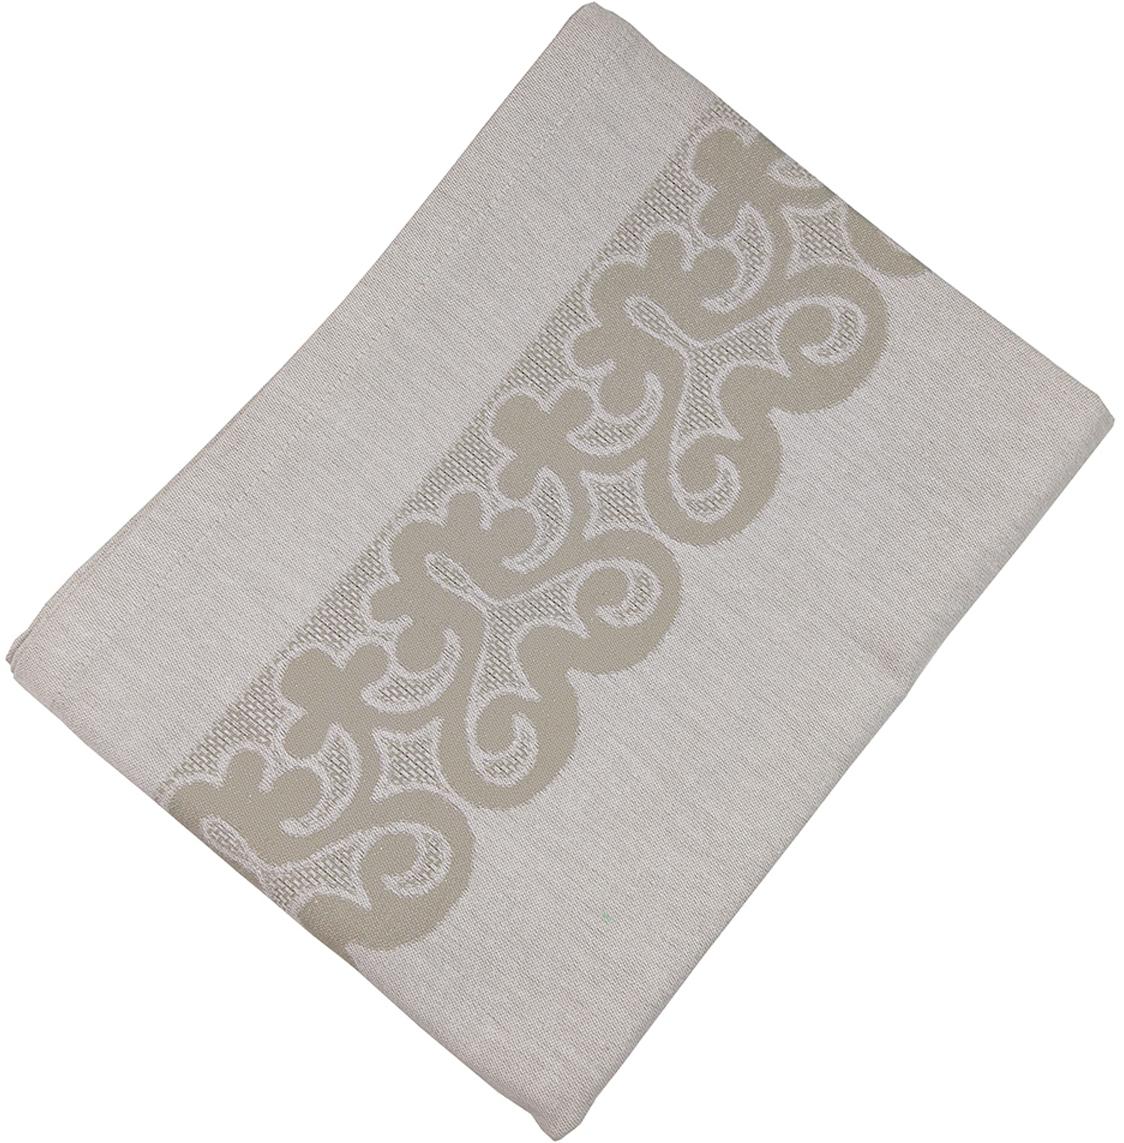 Скатерть Arloni Rich, прямоугольная, 150 х 150 см. 8043ARL8043ARLКвадратная скатерть Arloni Rich изготовлена из натуральной плотной испанской ткани (100% хлопок). Высокие экологические свойства ткани позволяют использовать изделие не только в качестве декоративного оформления, но и для сервировки обеденного стола. Скатерть хорошо сочетается с другими элементами кухонного текстиля и имеет универсальный размер. Красиво смотрится как на круглом, овальном, так и на прямоугольном столе.